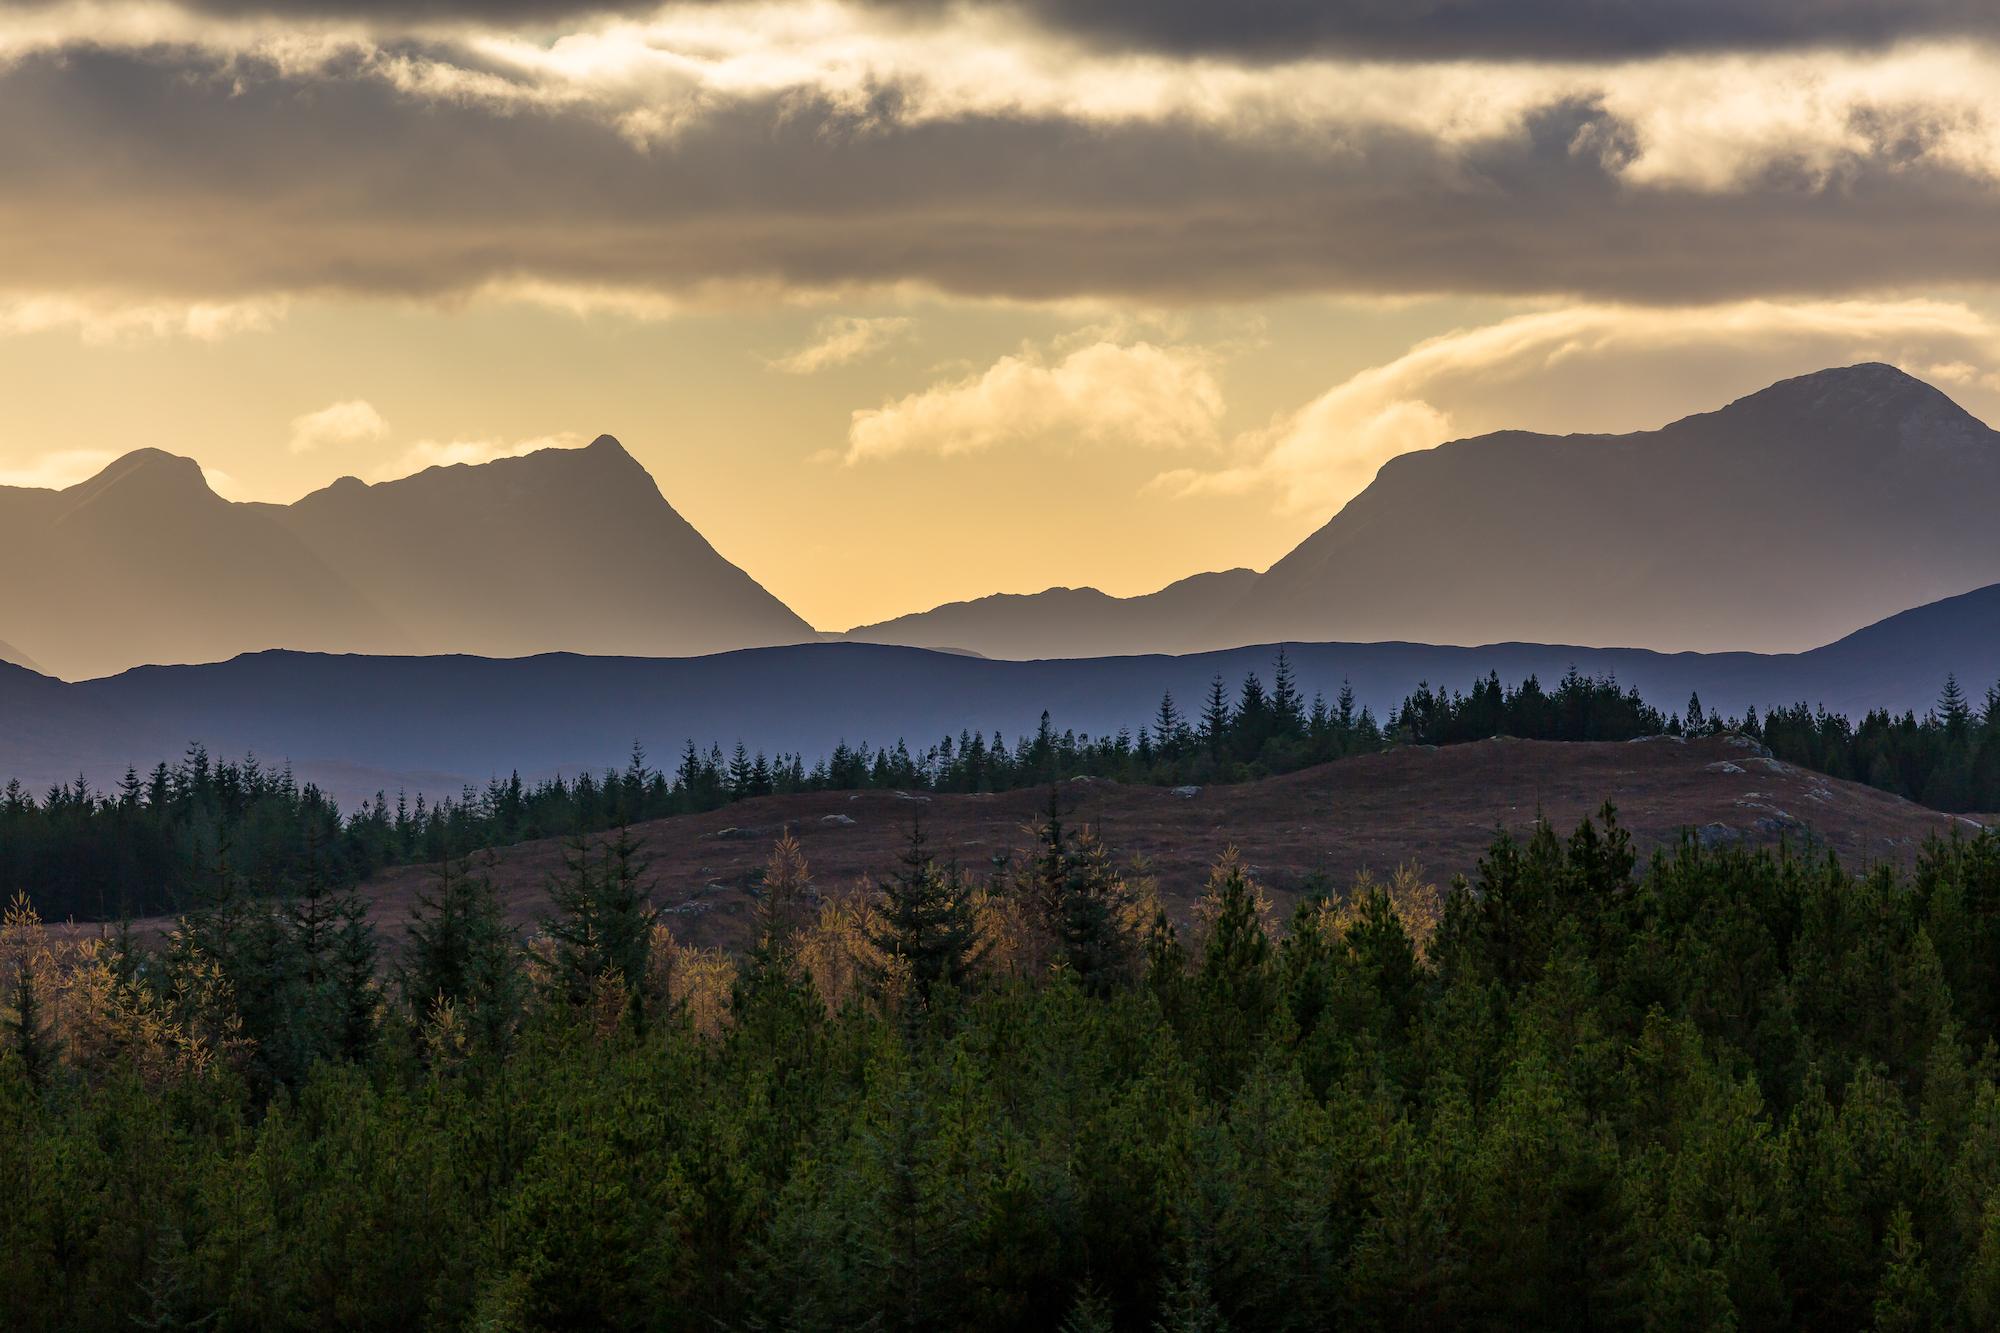 (301) Glen Loyne, Glenquoich Forest to Mountains in Glen Kingie, Scotland.jpg